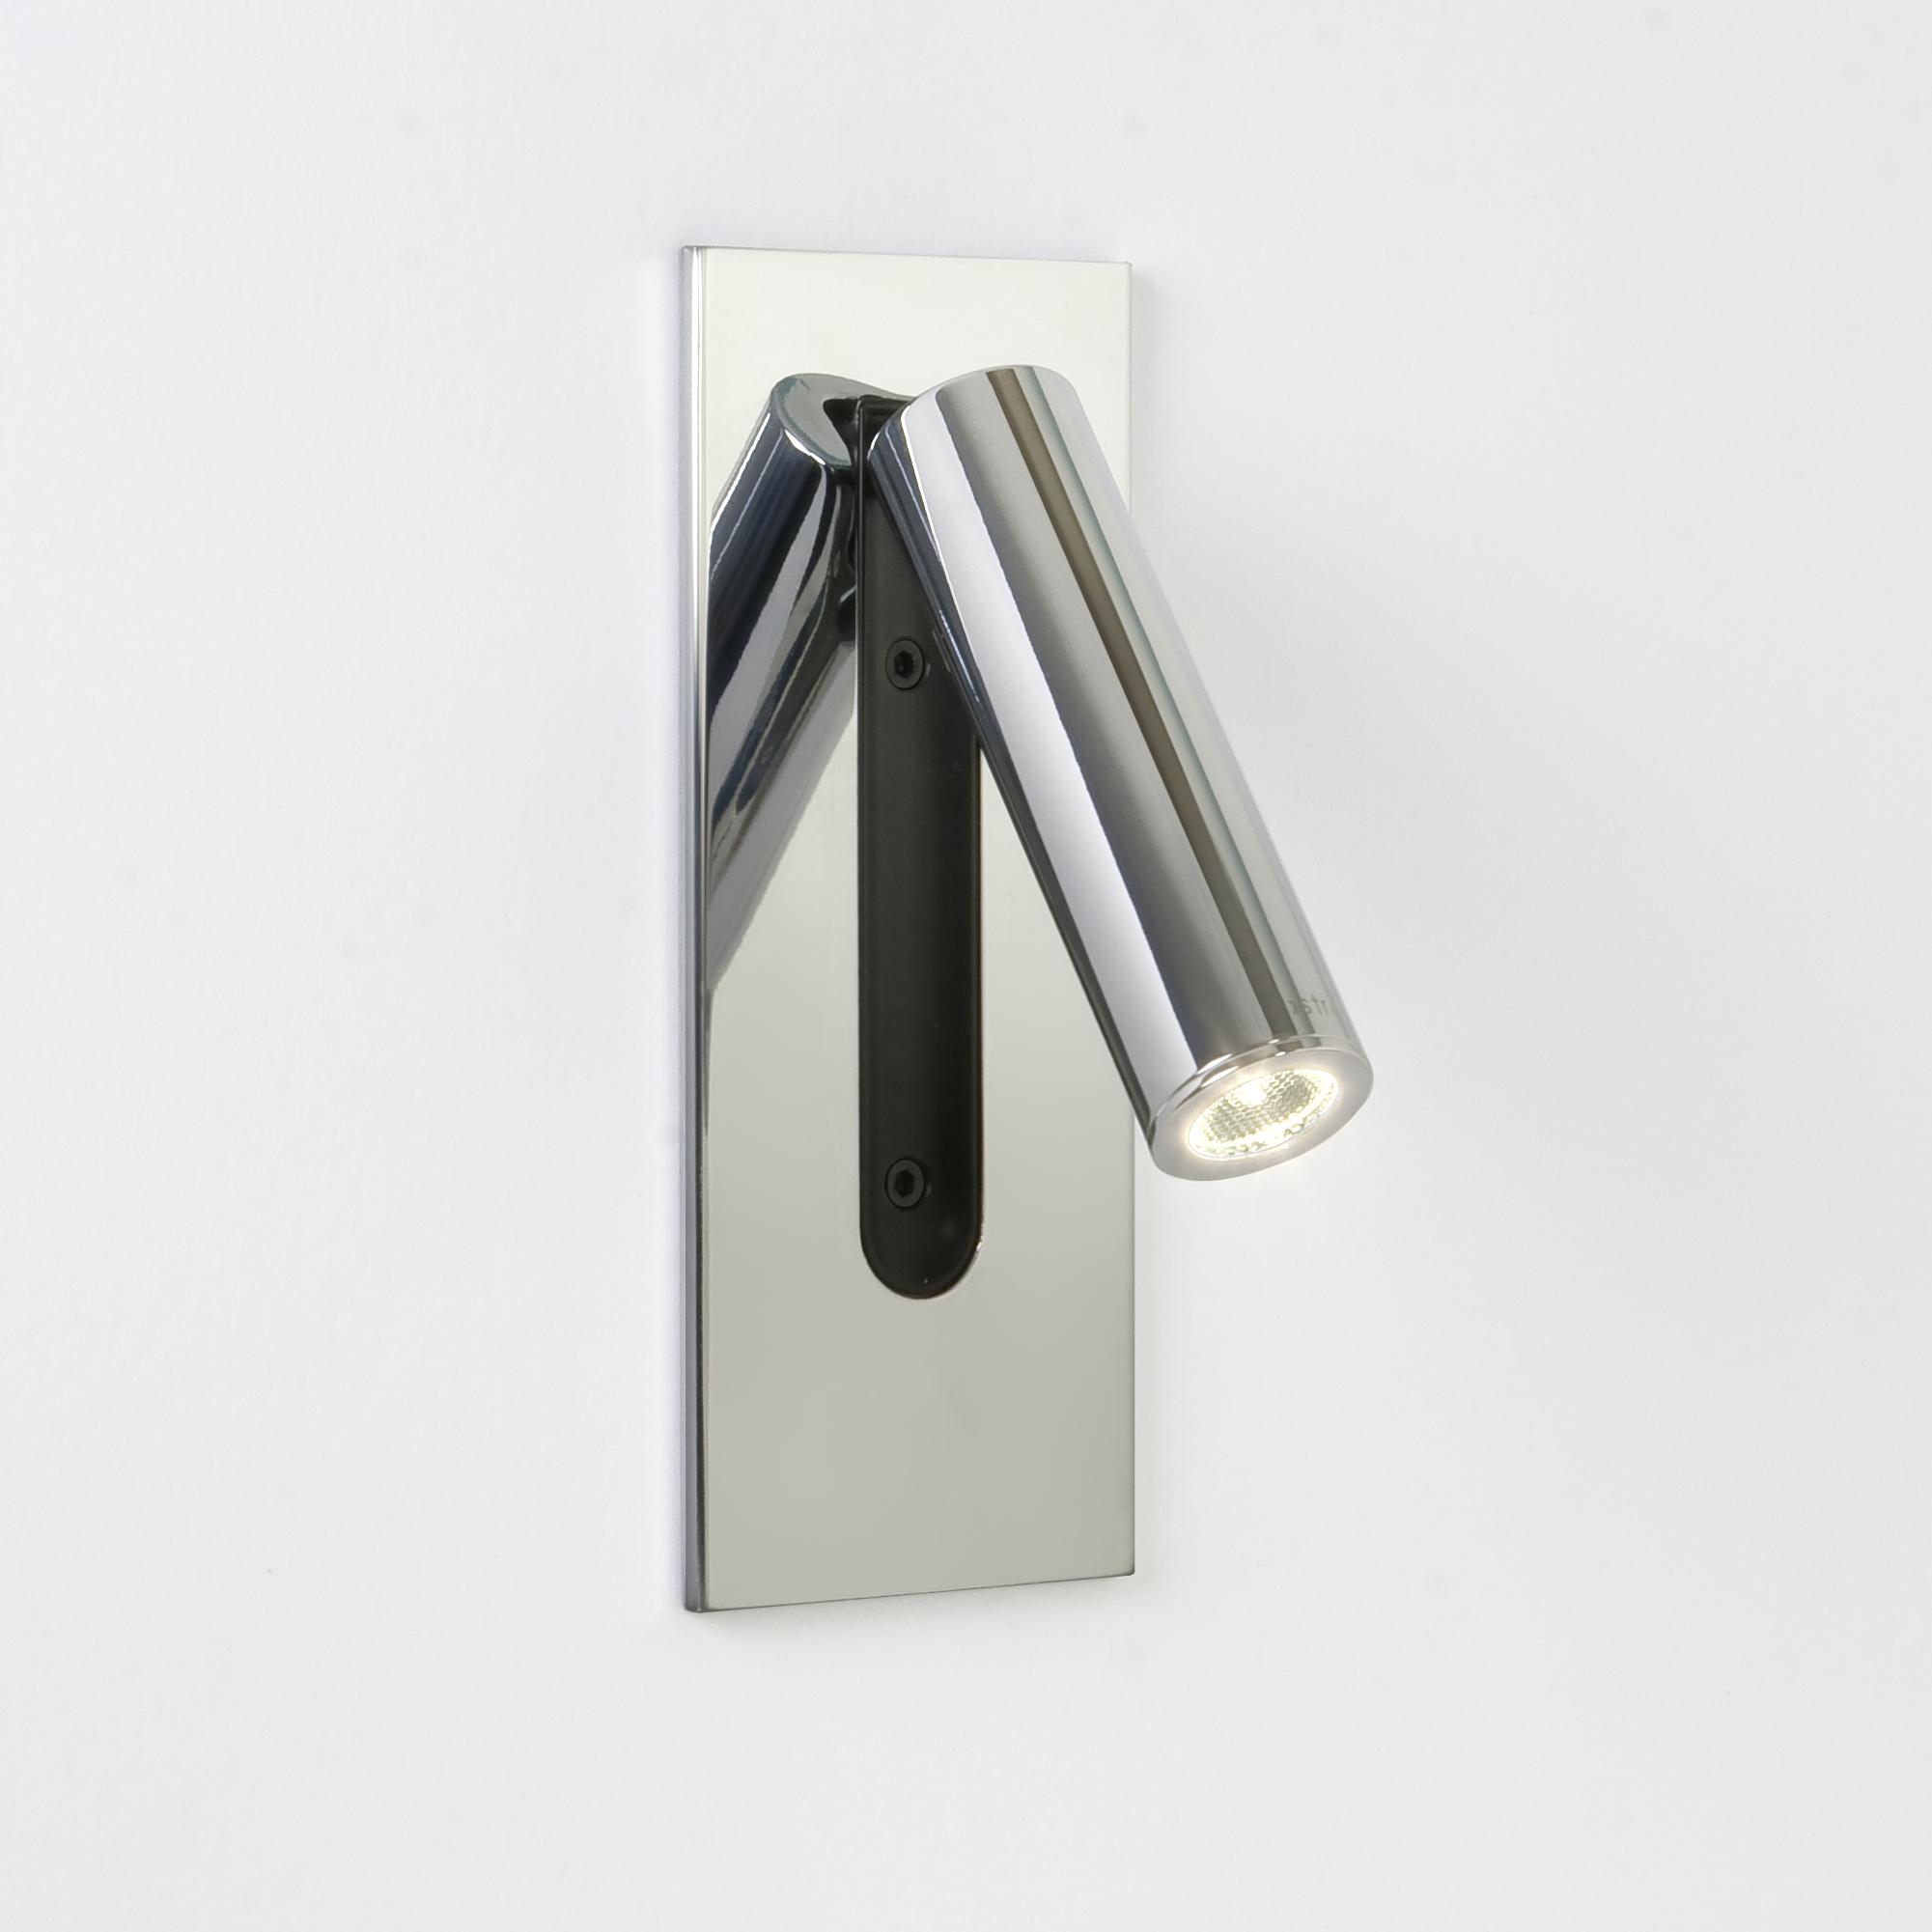 Lampe liseuse – Lampe de lecture Design led